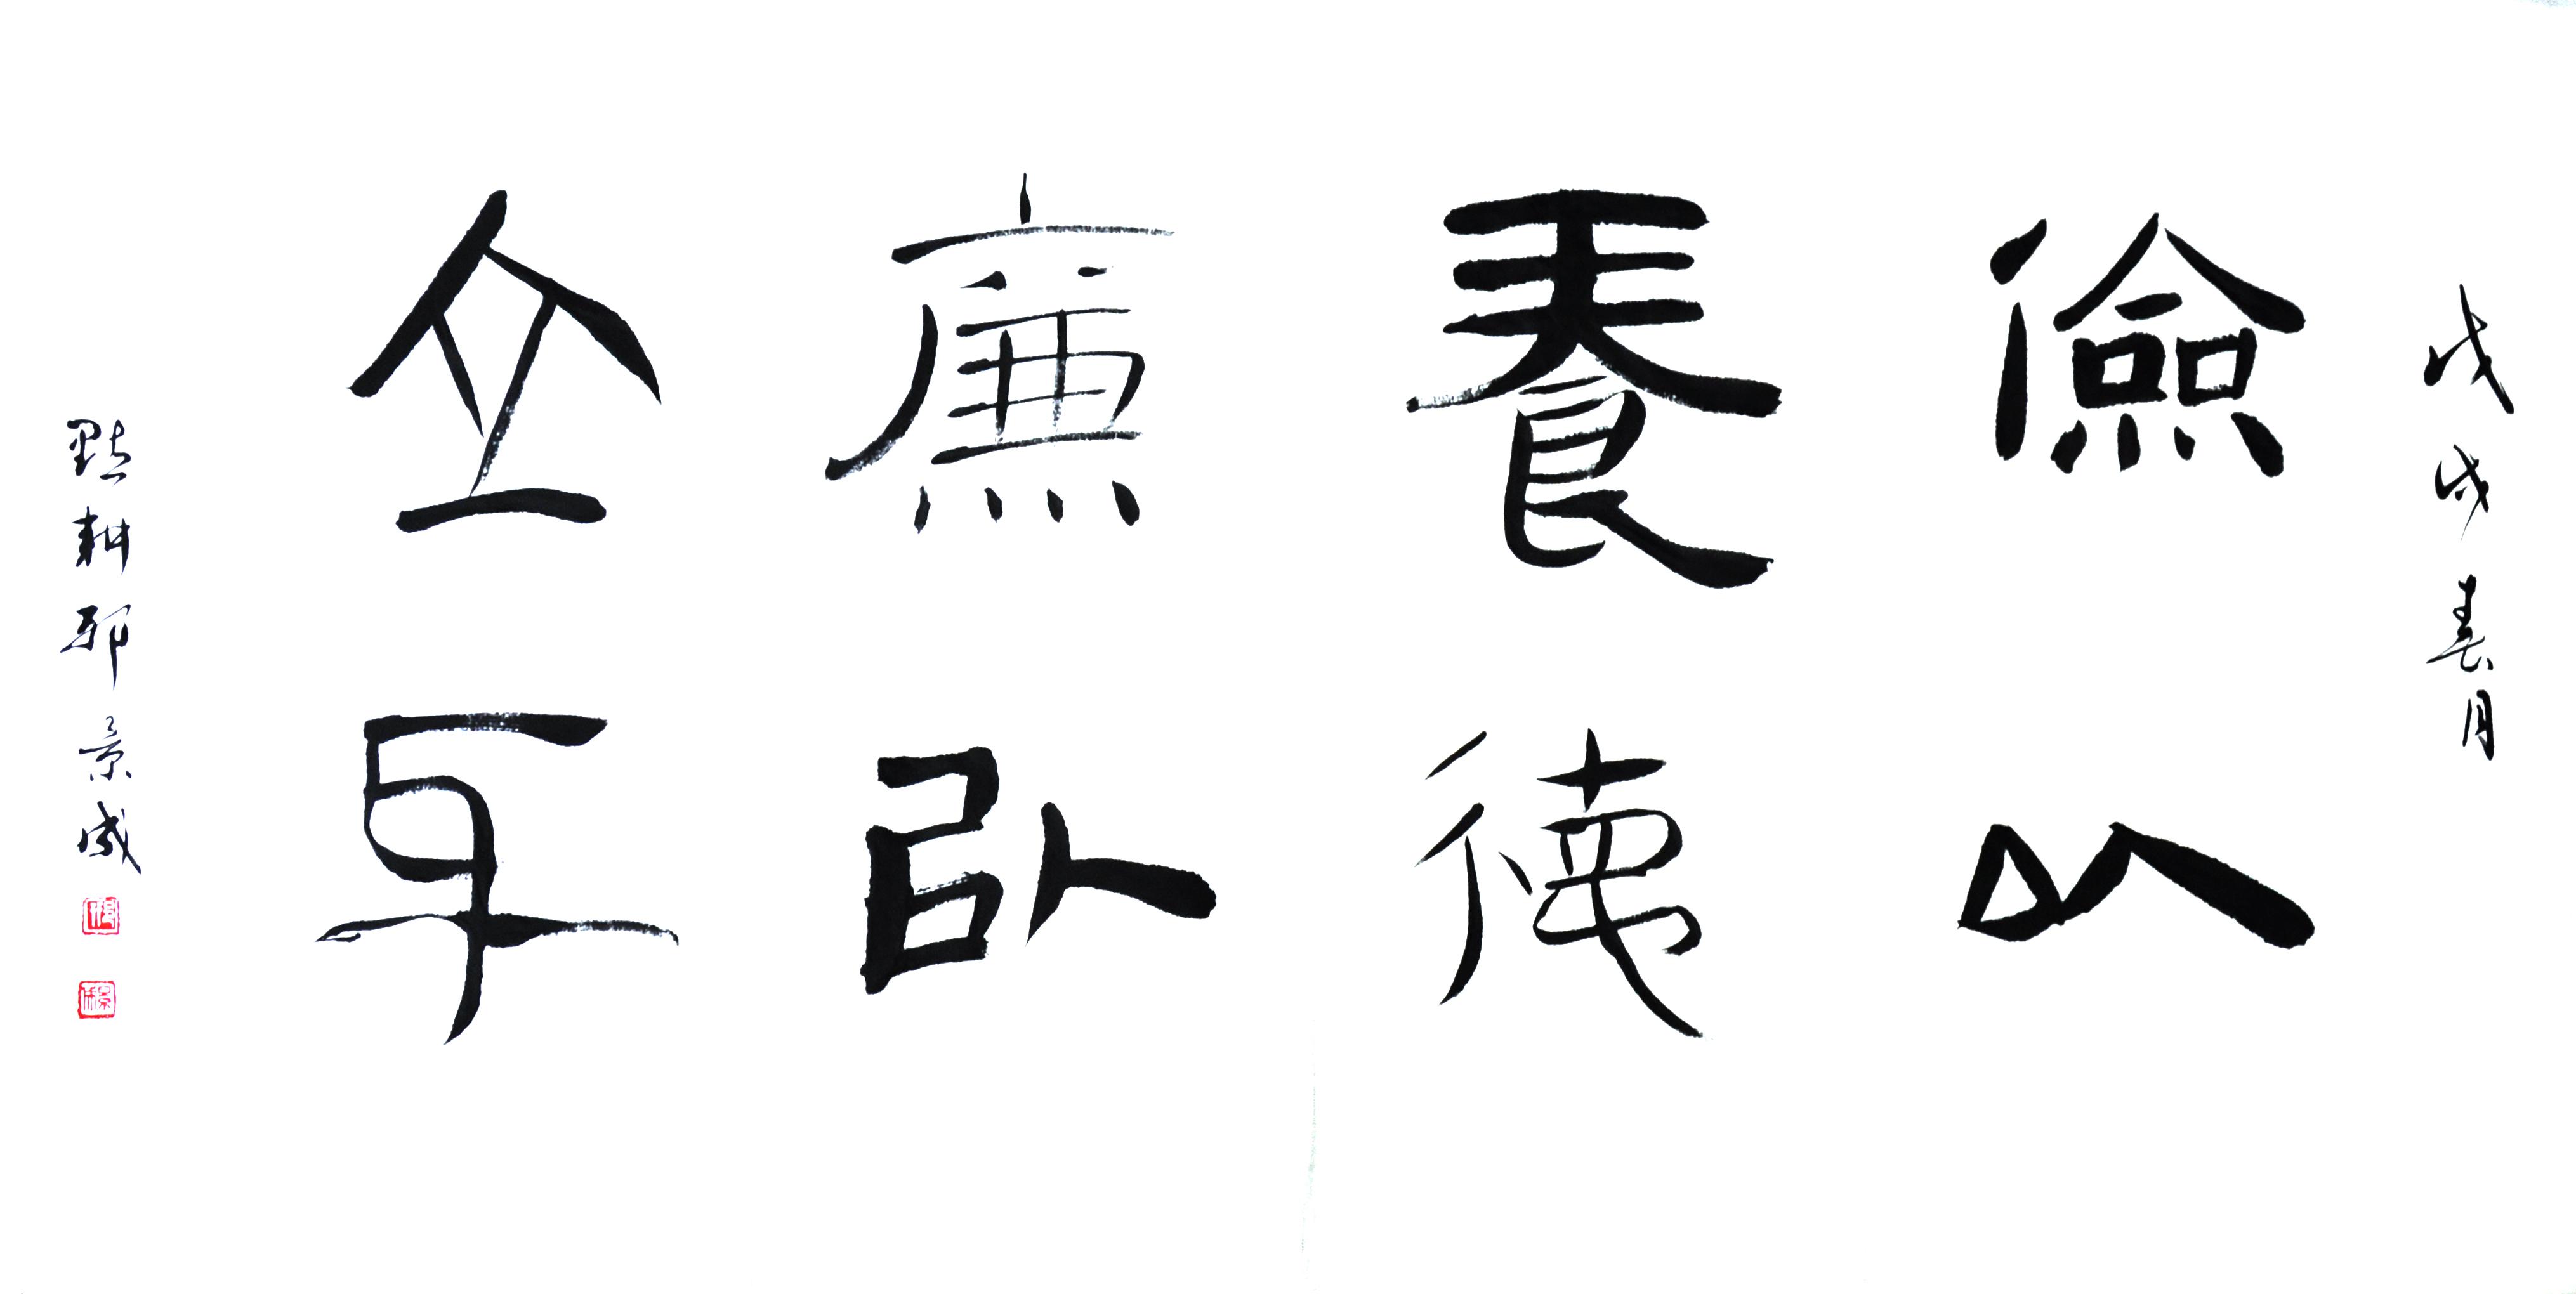 w88优德区廉洁文化书法作品5